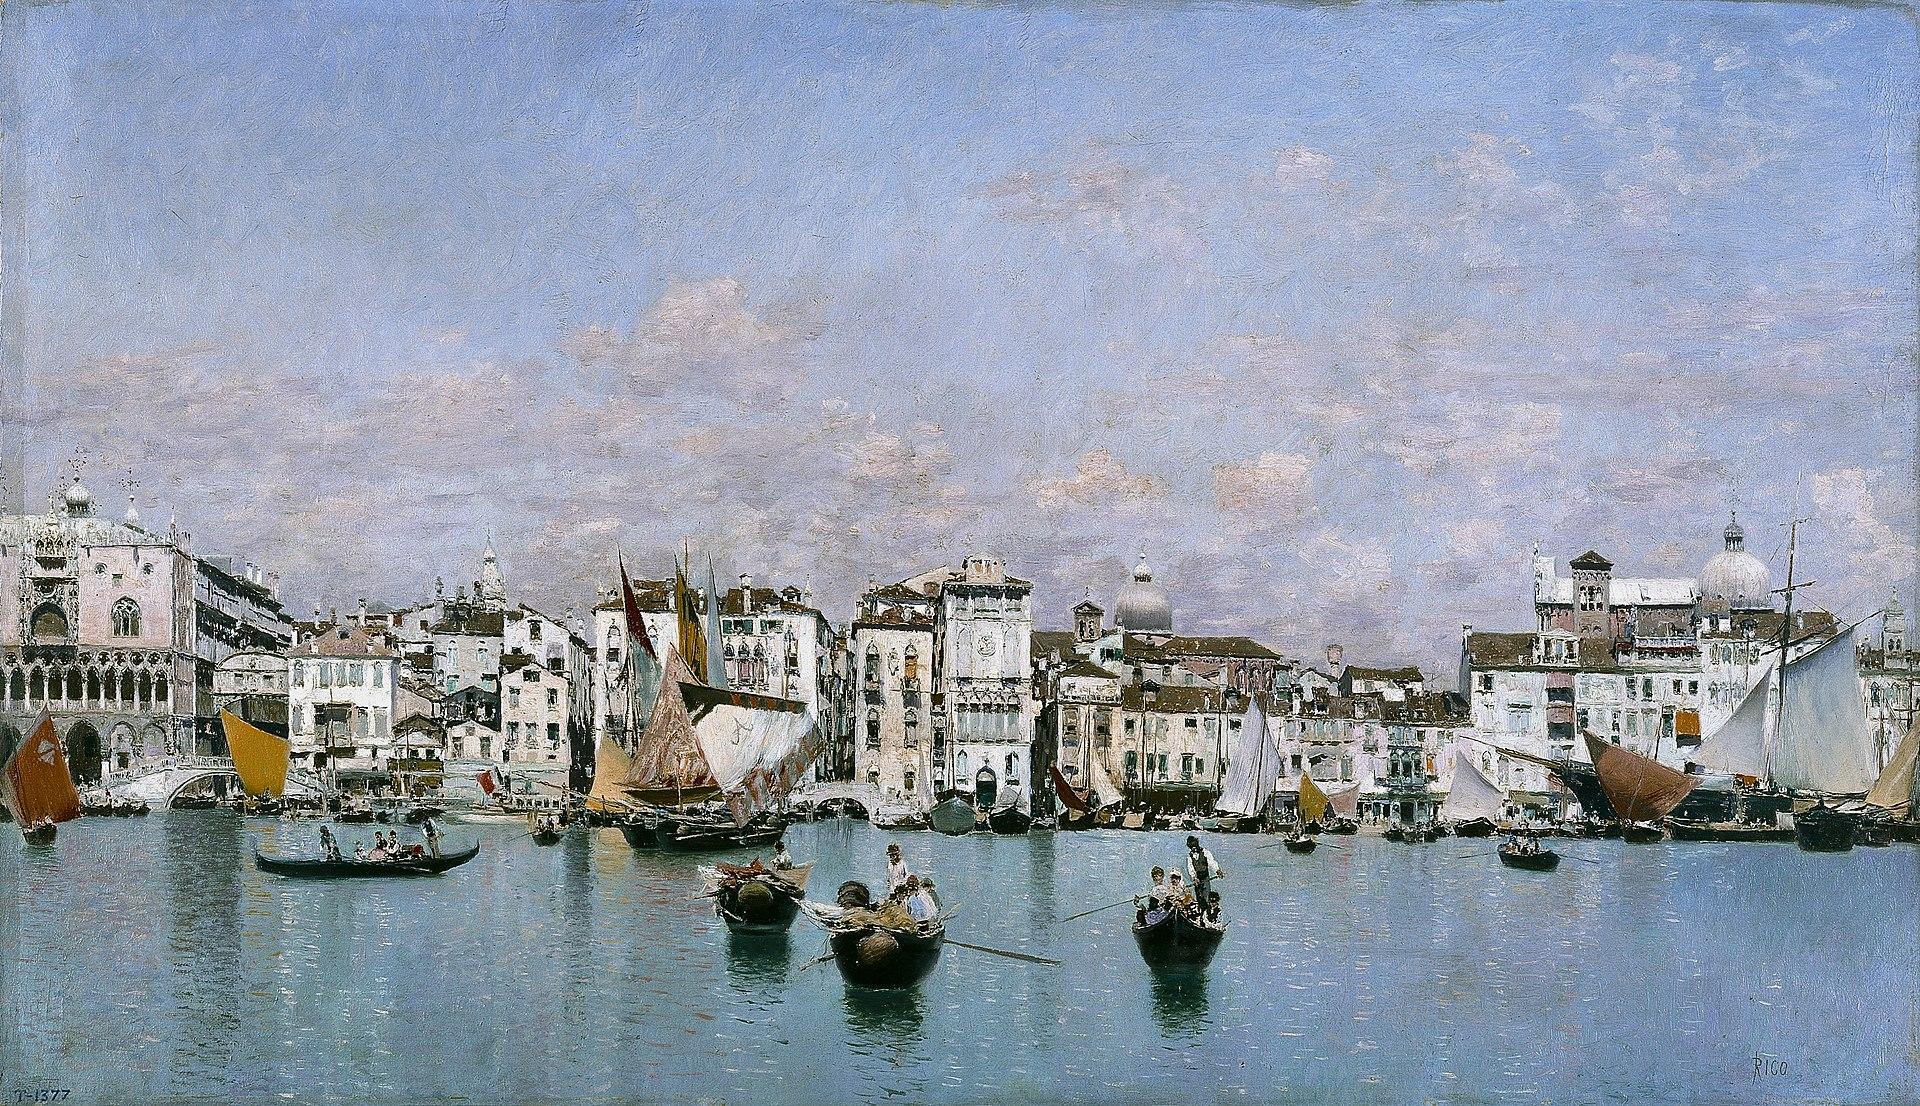 La Riva degli Schiavoni en Venecia, por Martín Rico.jpg